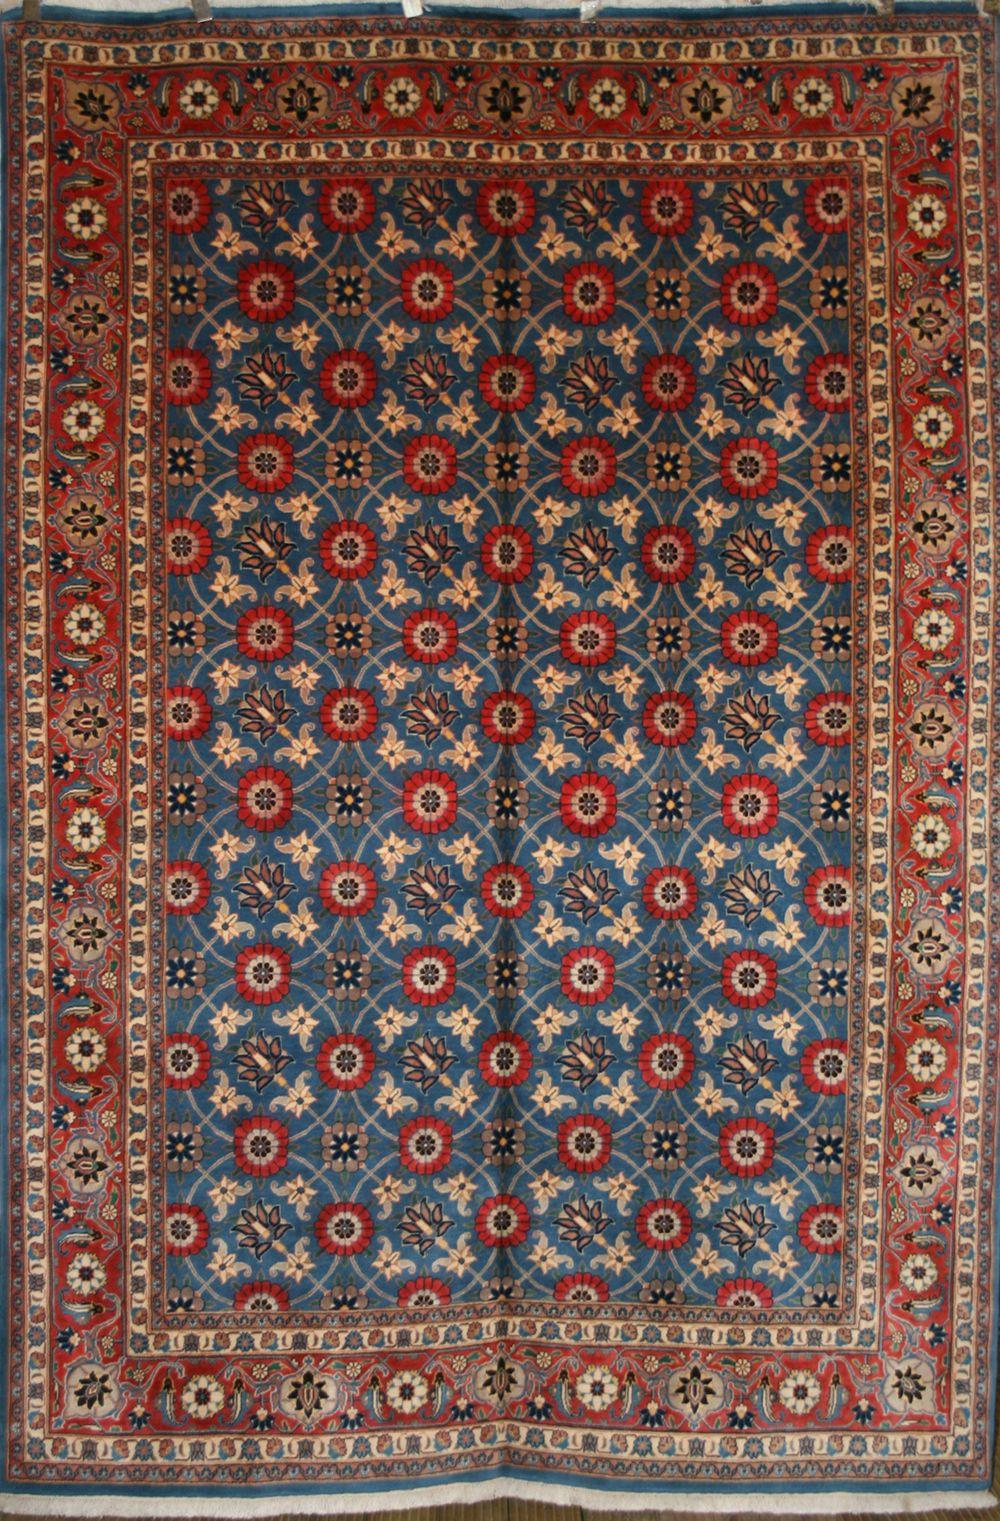 Rug Origin Iran Persian Name Varamin Length 3 00 M 9 10 Width 2 6 7